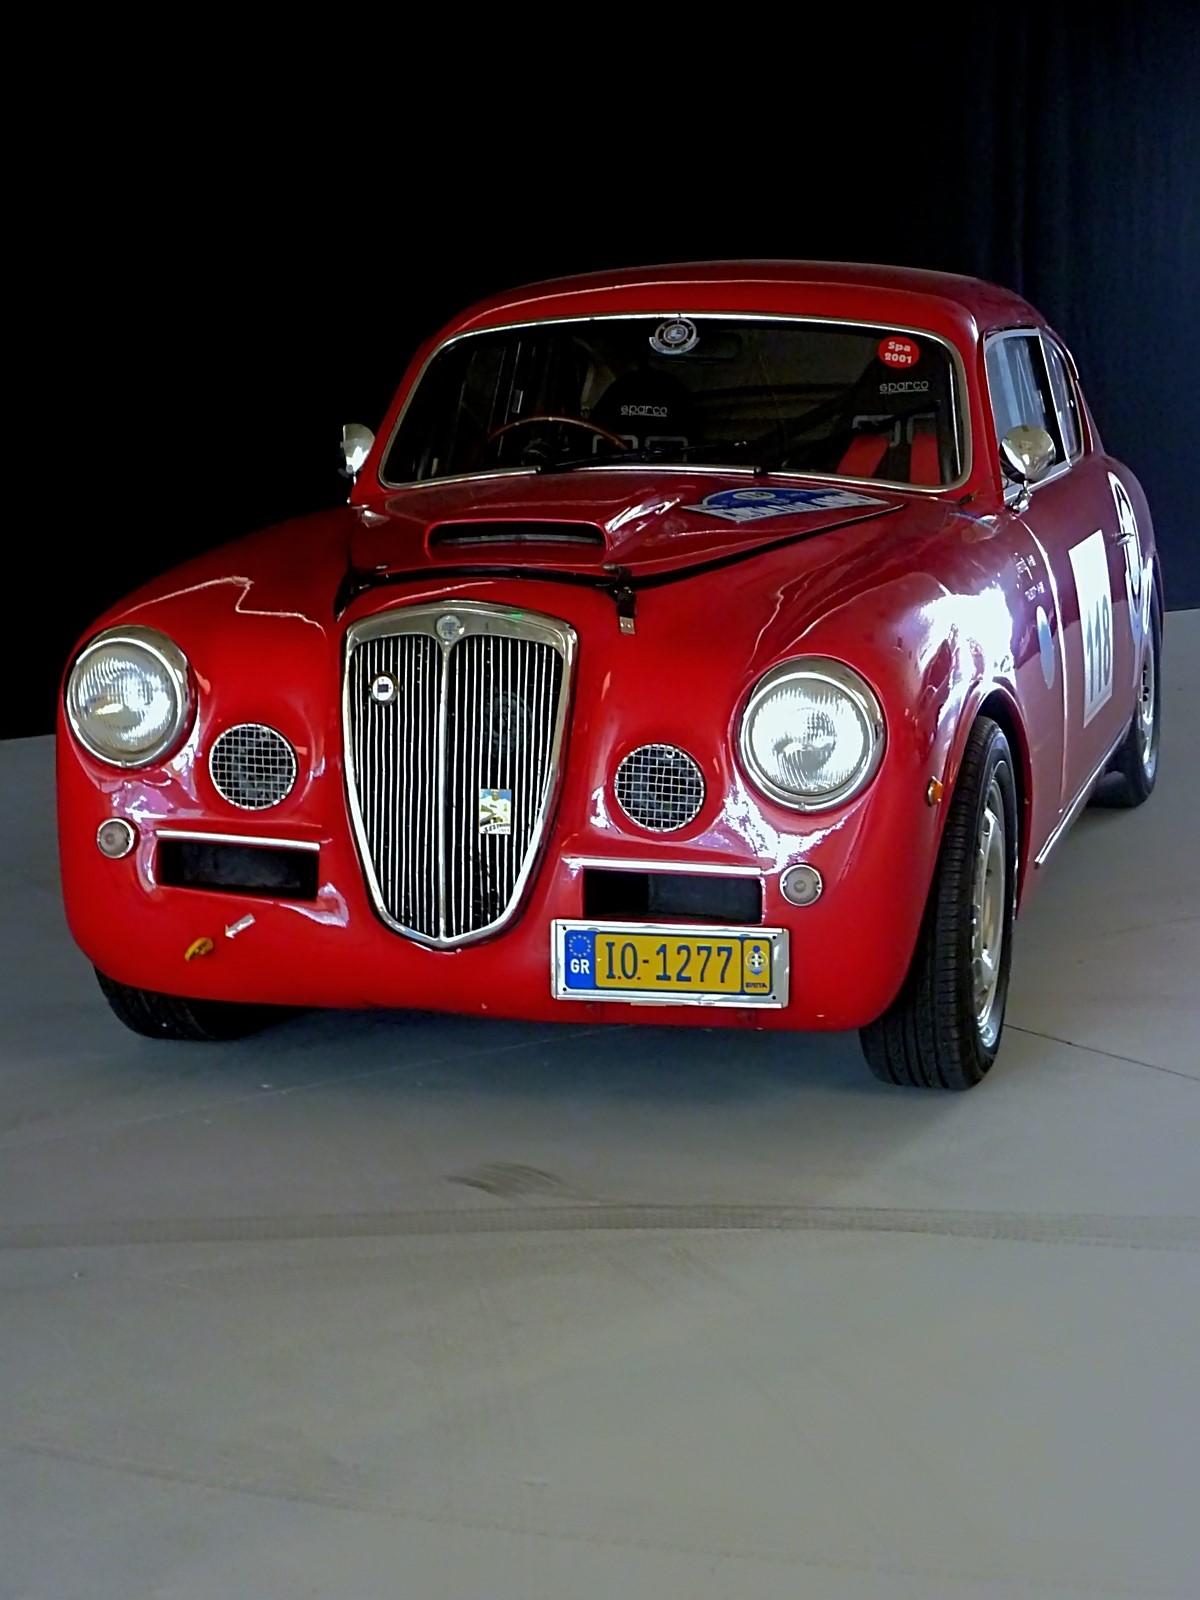 1953 Lancia Aurelia B24 ex L (6)